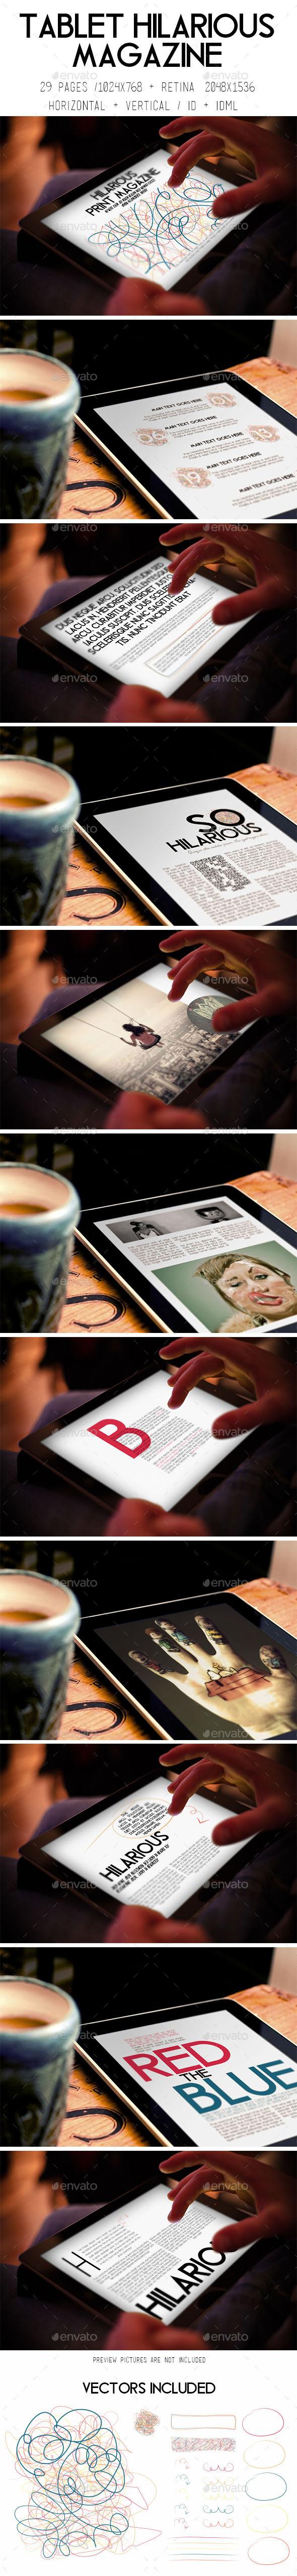 iPad & Tablet Hilarious Magazine - Digital Magazines ePublishing